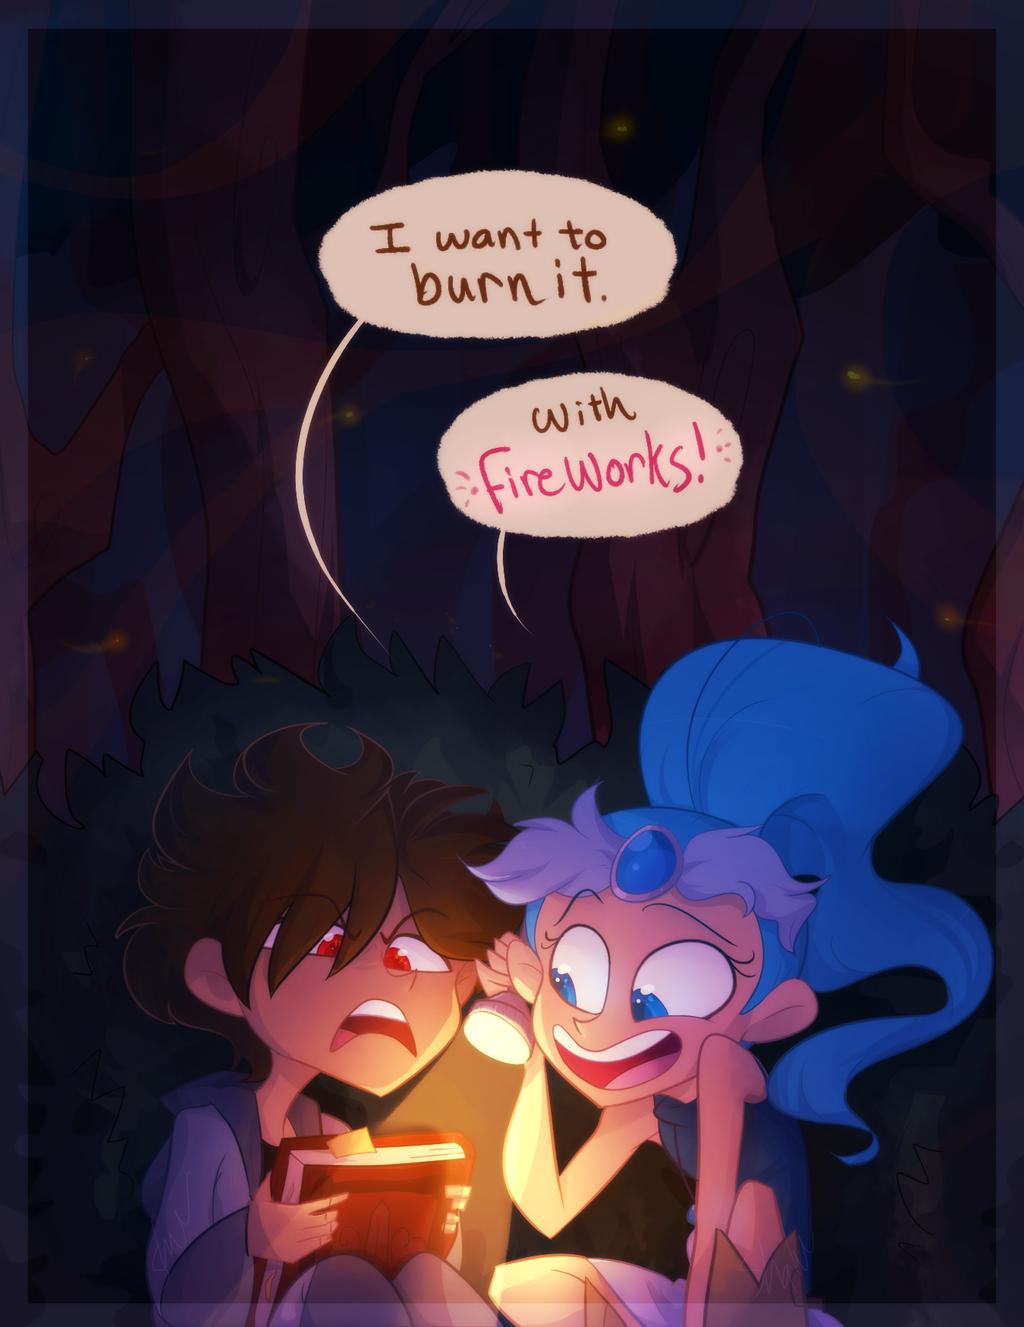 Burn It by Shainbow